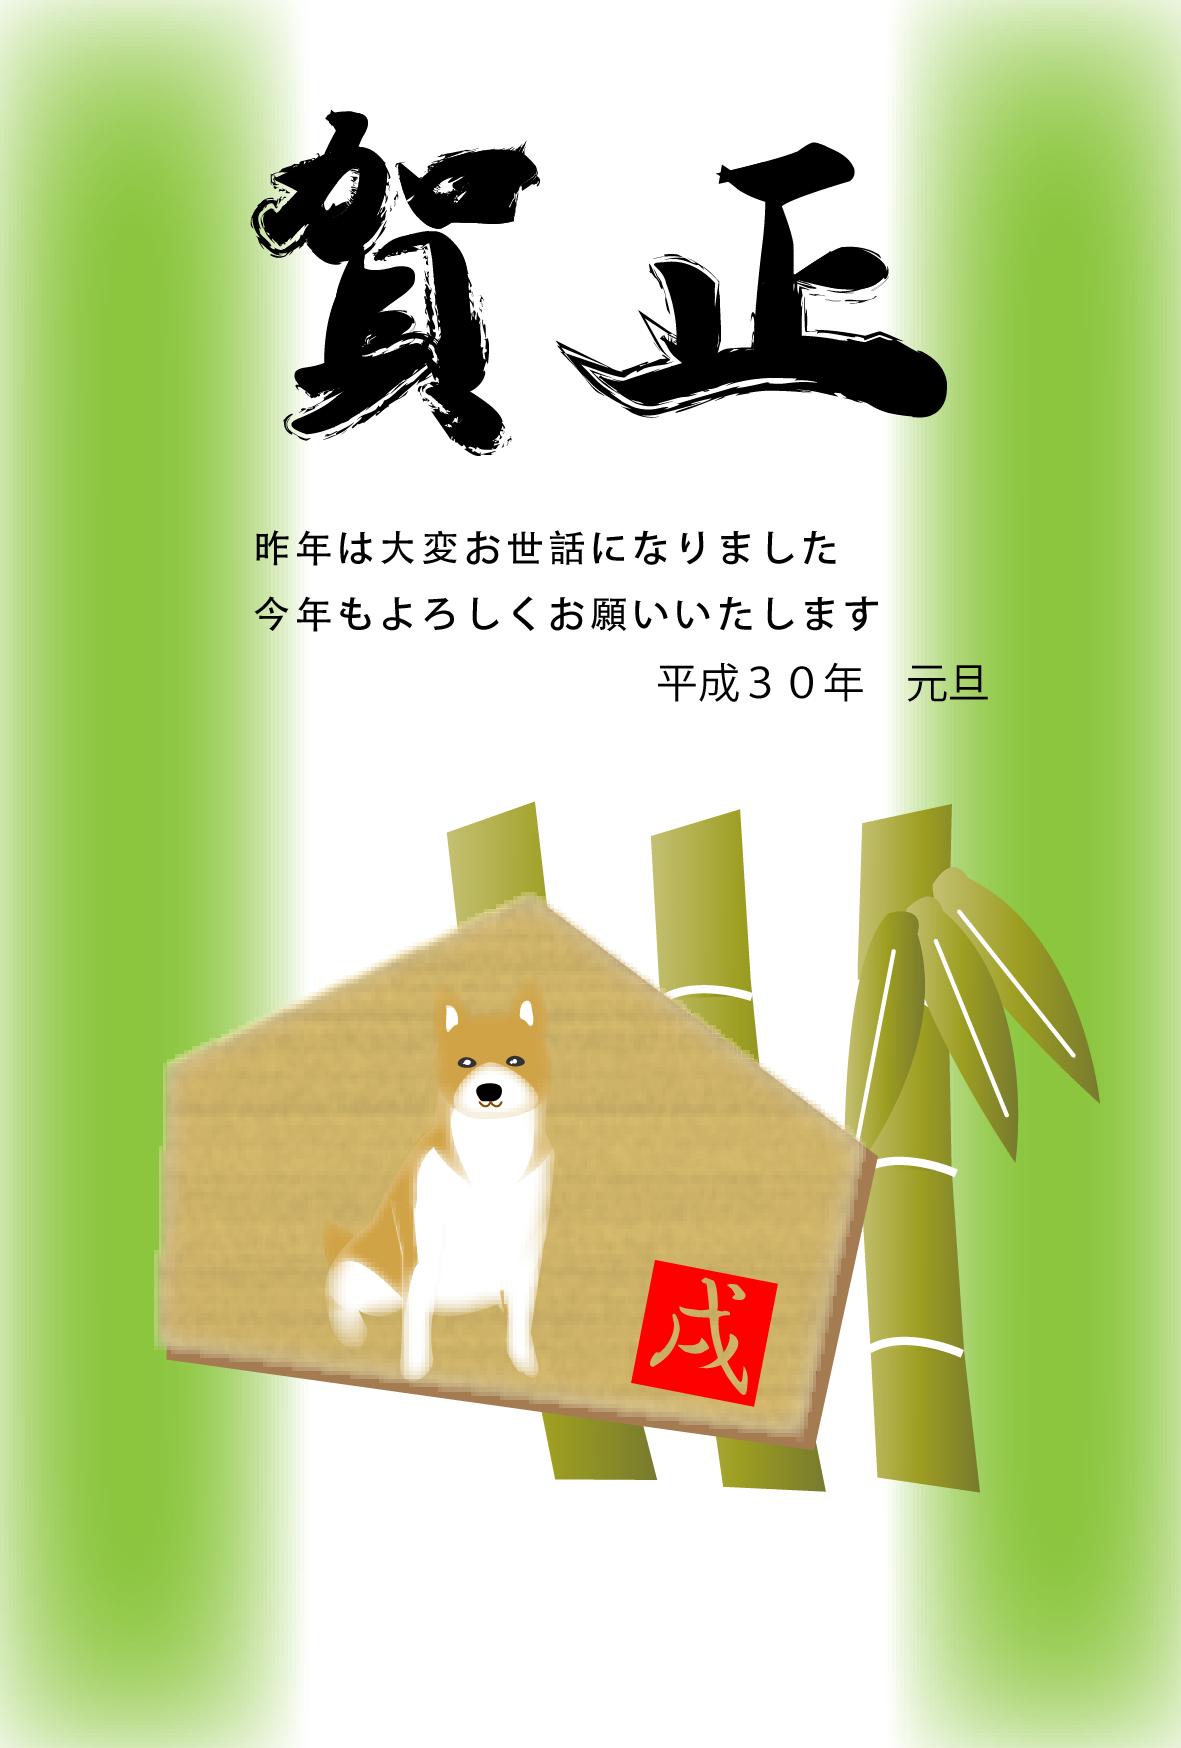 犬が描かれた絵馬と竹のイラストつき